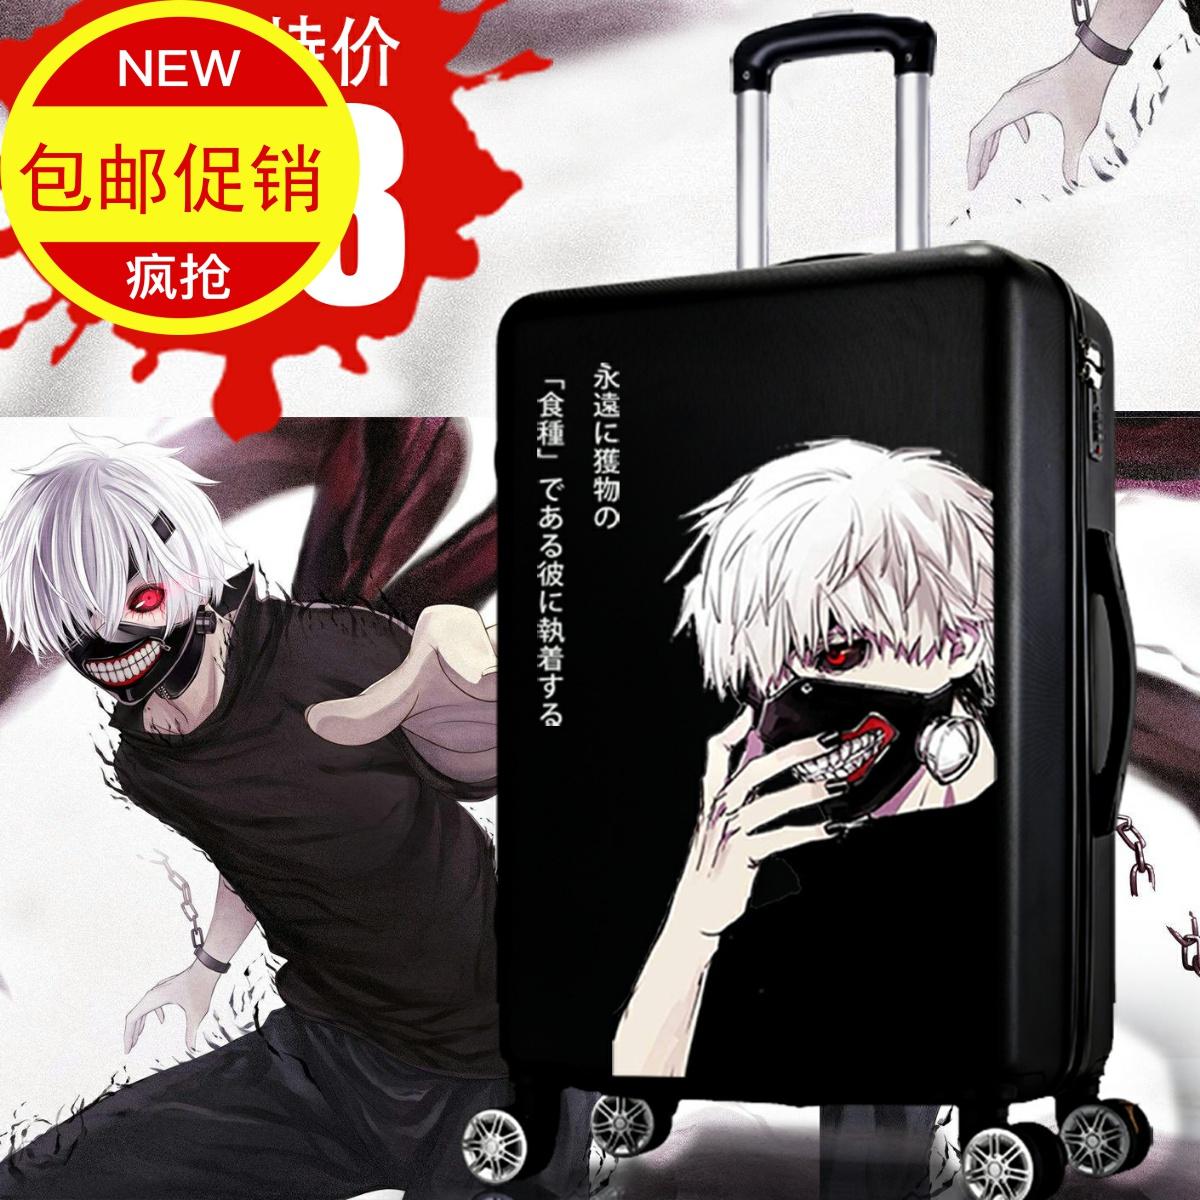 卡通动漫拉杆旅行李箱男潮青年个性涂鸦密码皮箱女24寸高中大学生